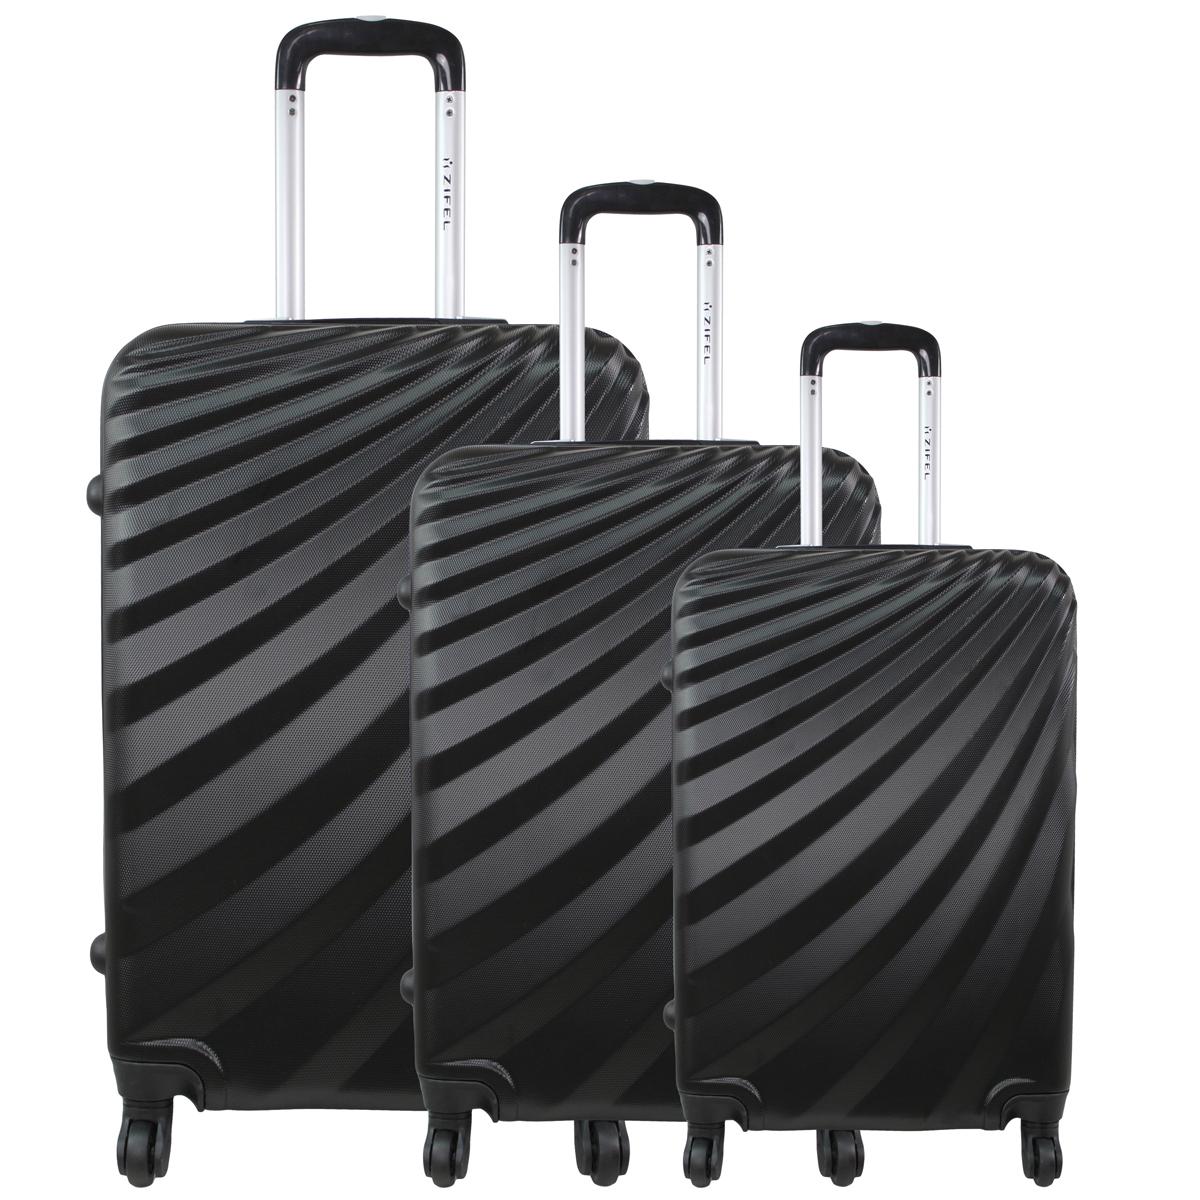 Valise rigide my valise lot de 3 bagages pas cher - Lot de valise ...